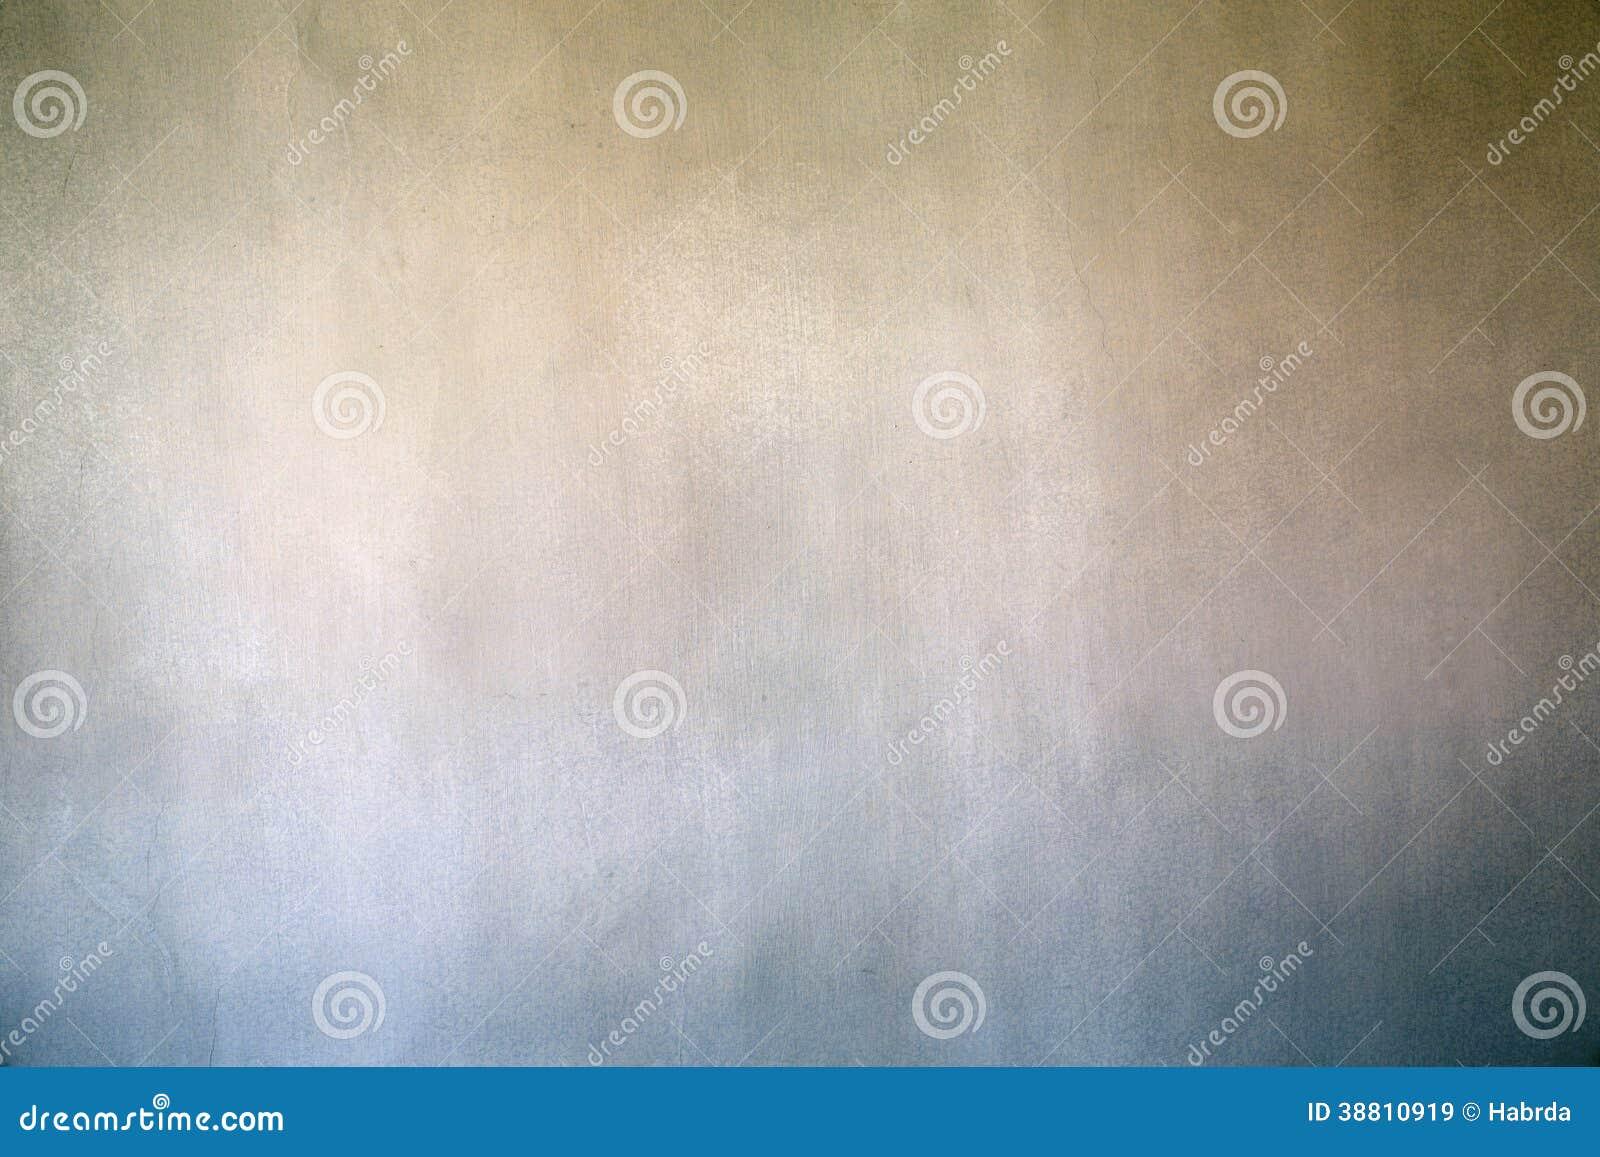 Texture de fond d'ardoise image stock. Image du beige - 38810919